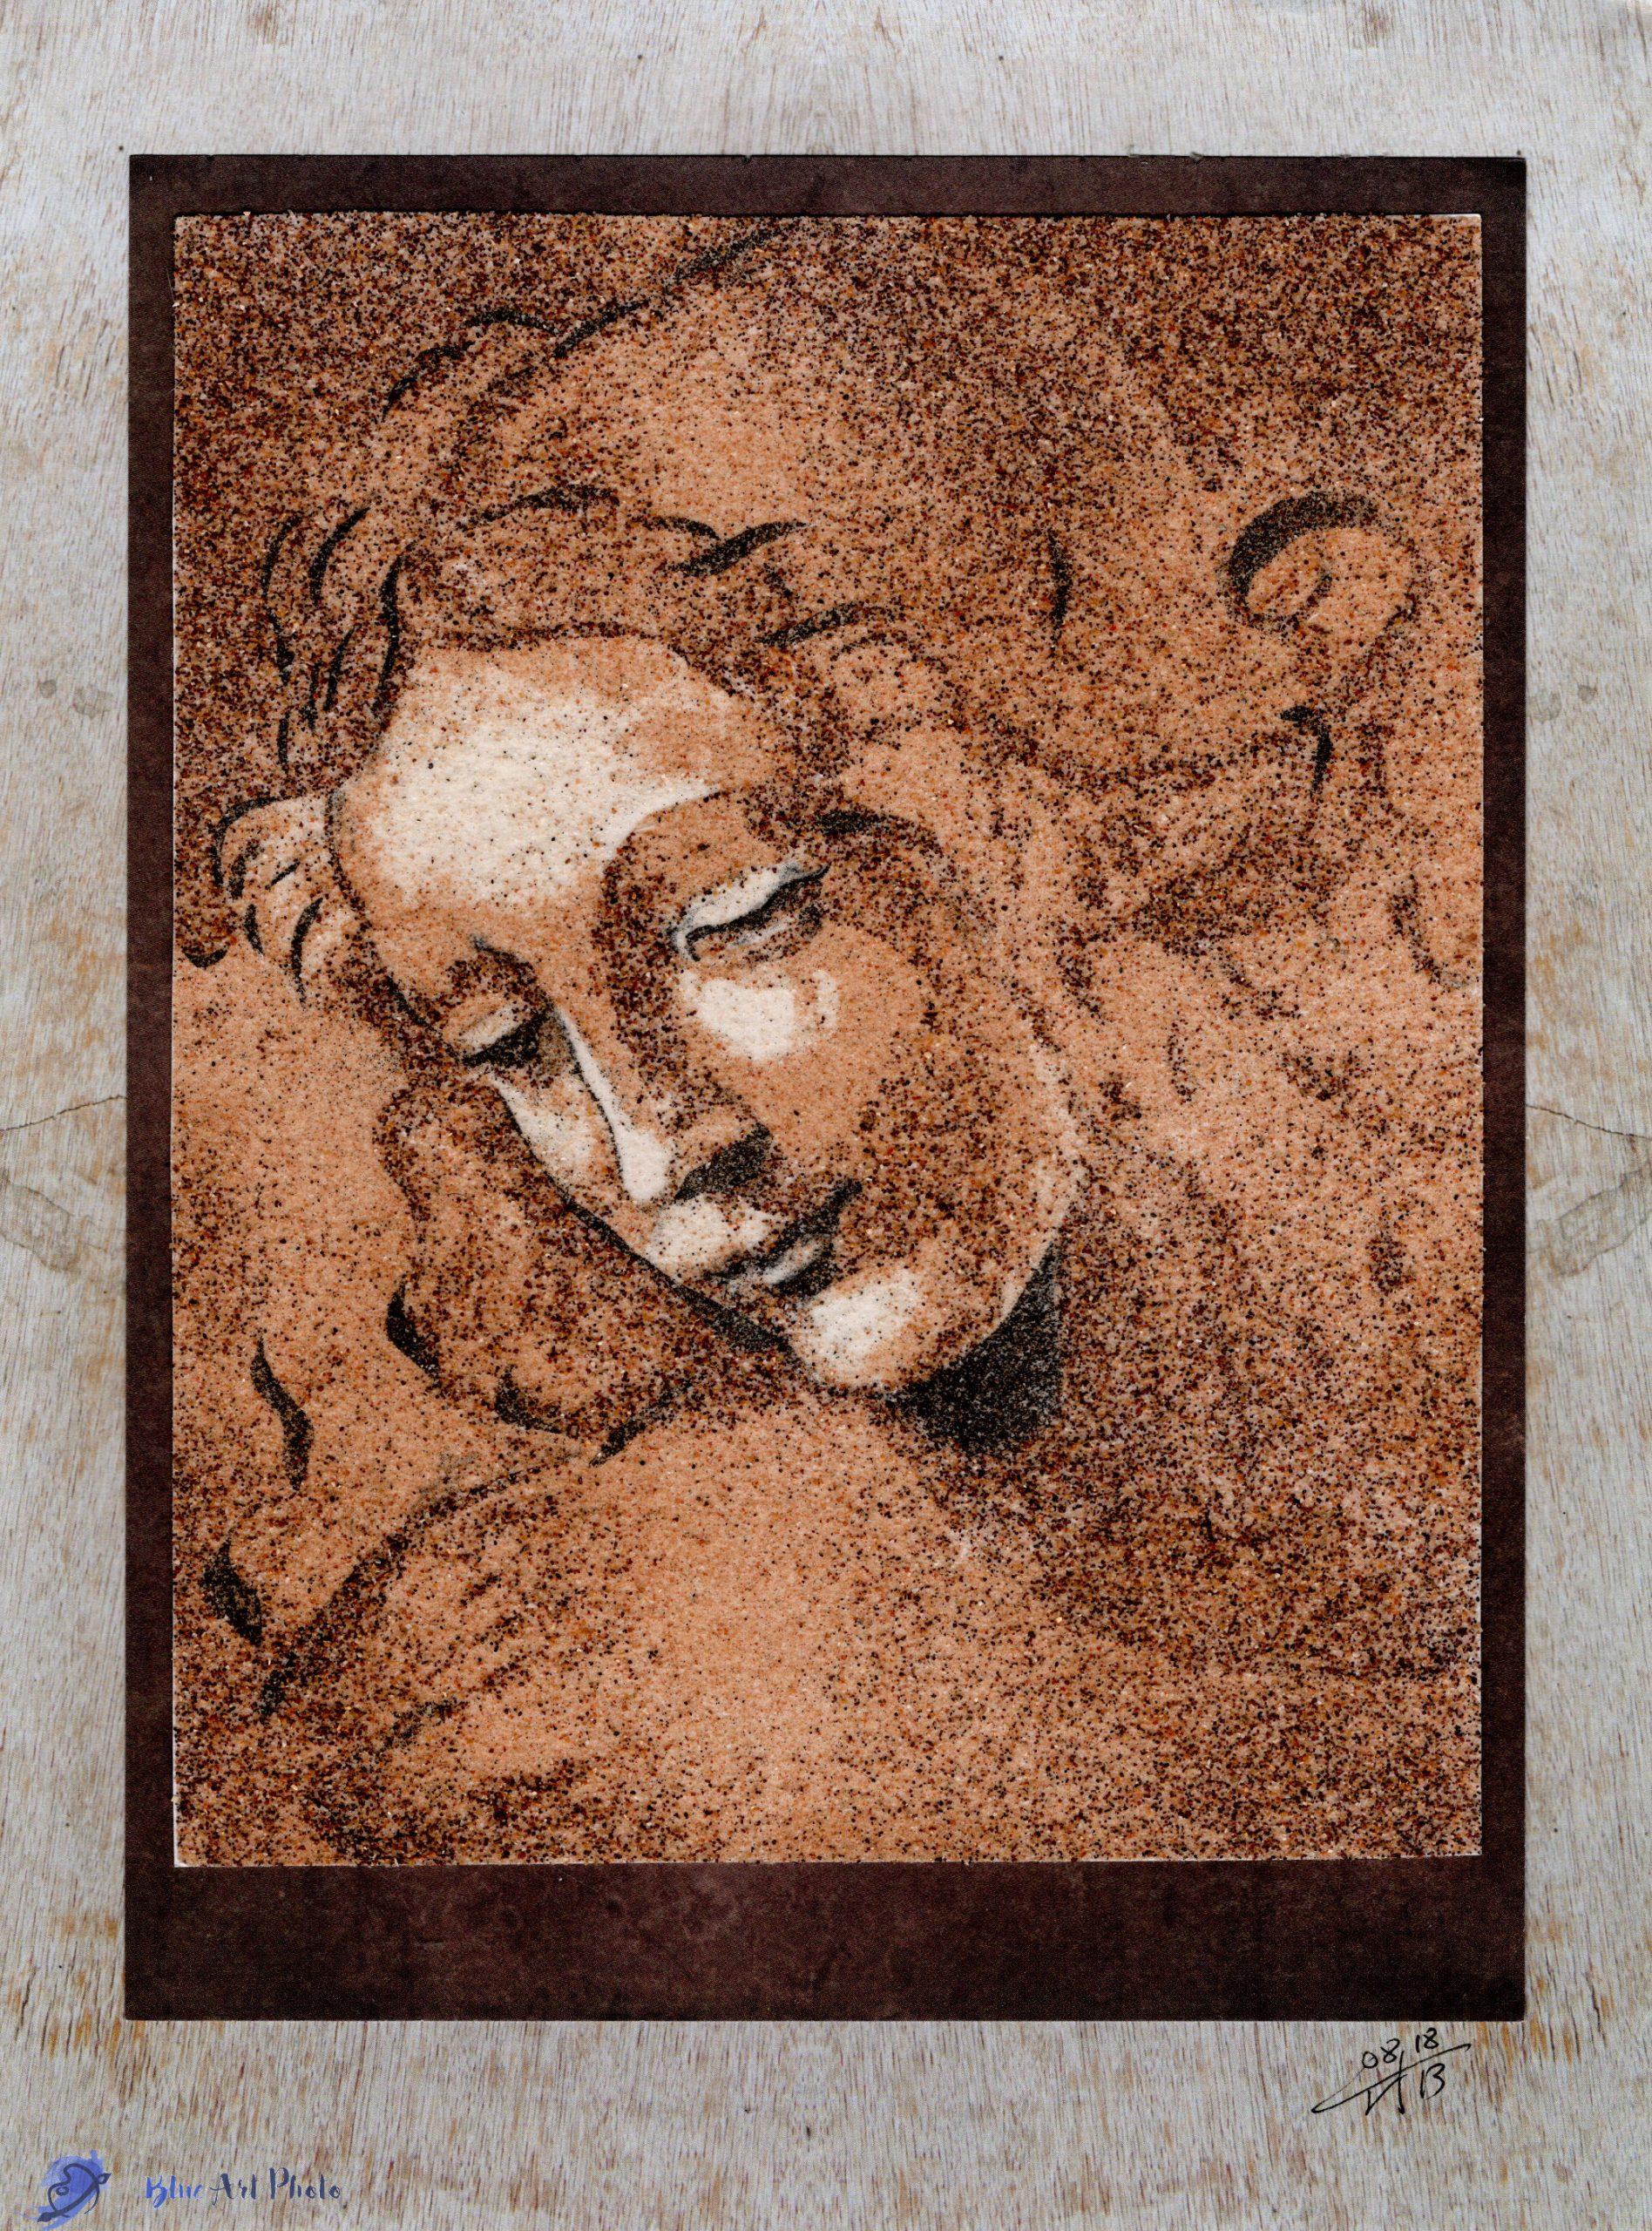 Mes tableaux de sable sont en vente sur Etsy